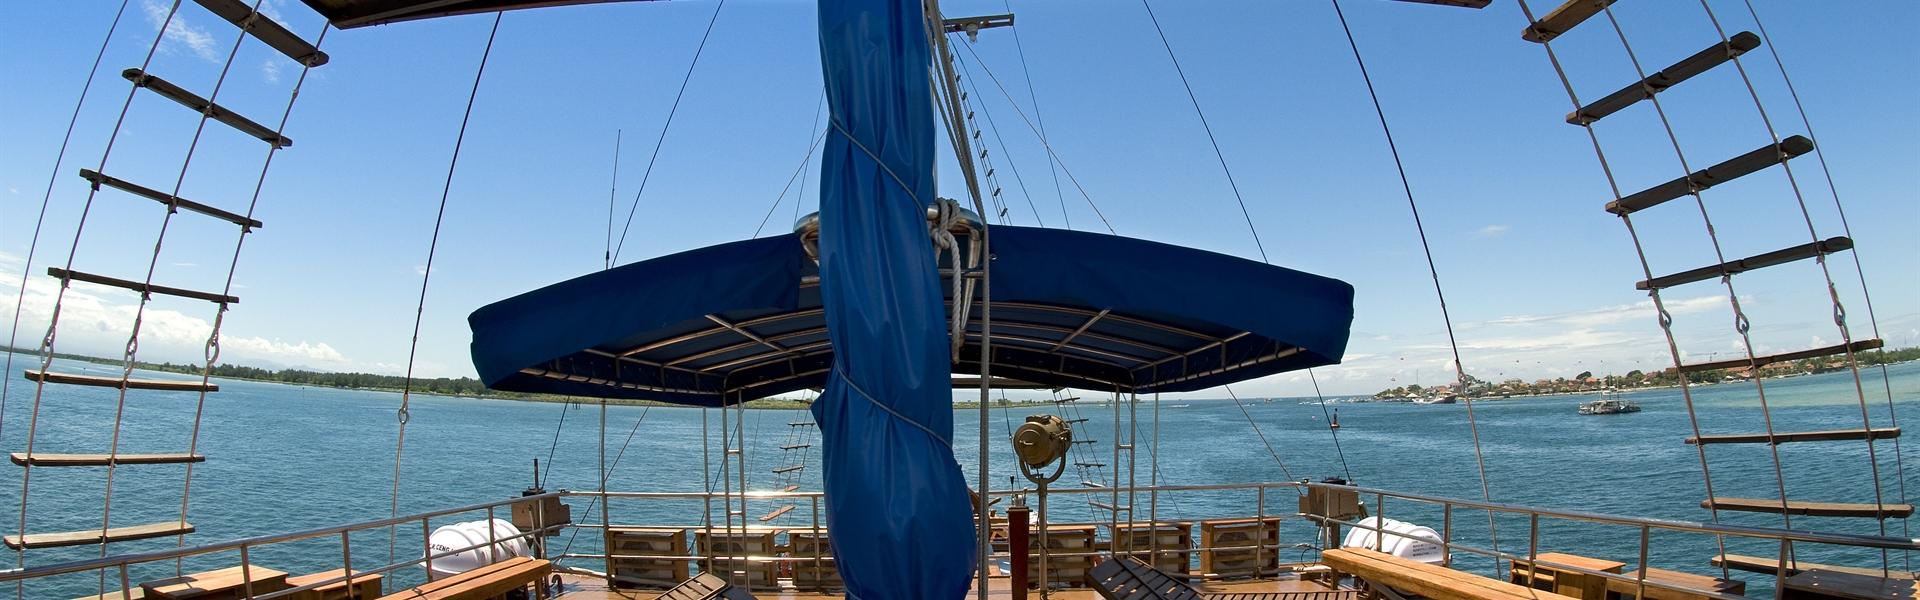 Cheng Ho Sailing